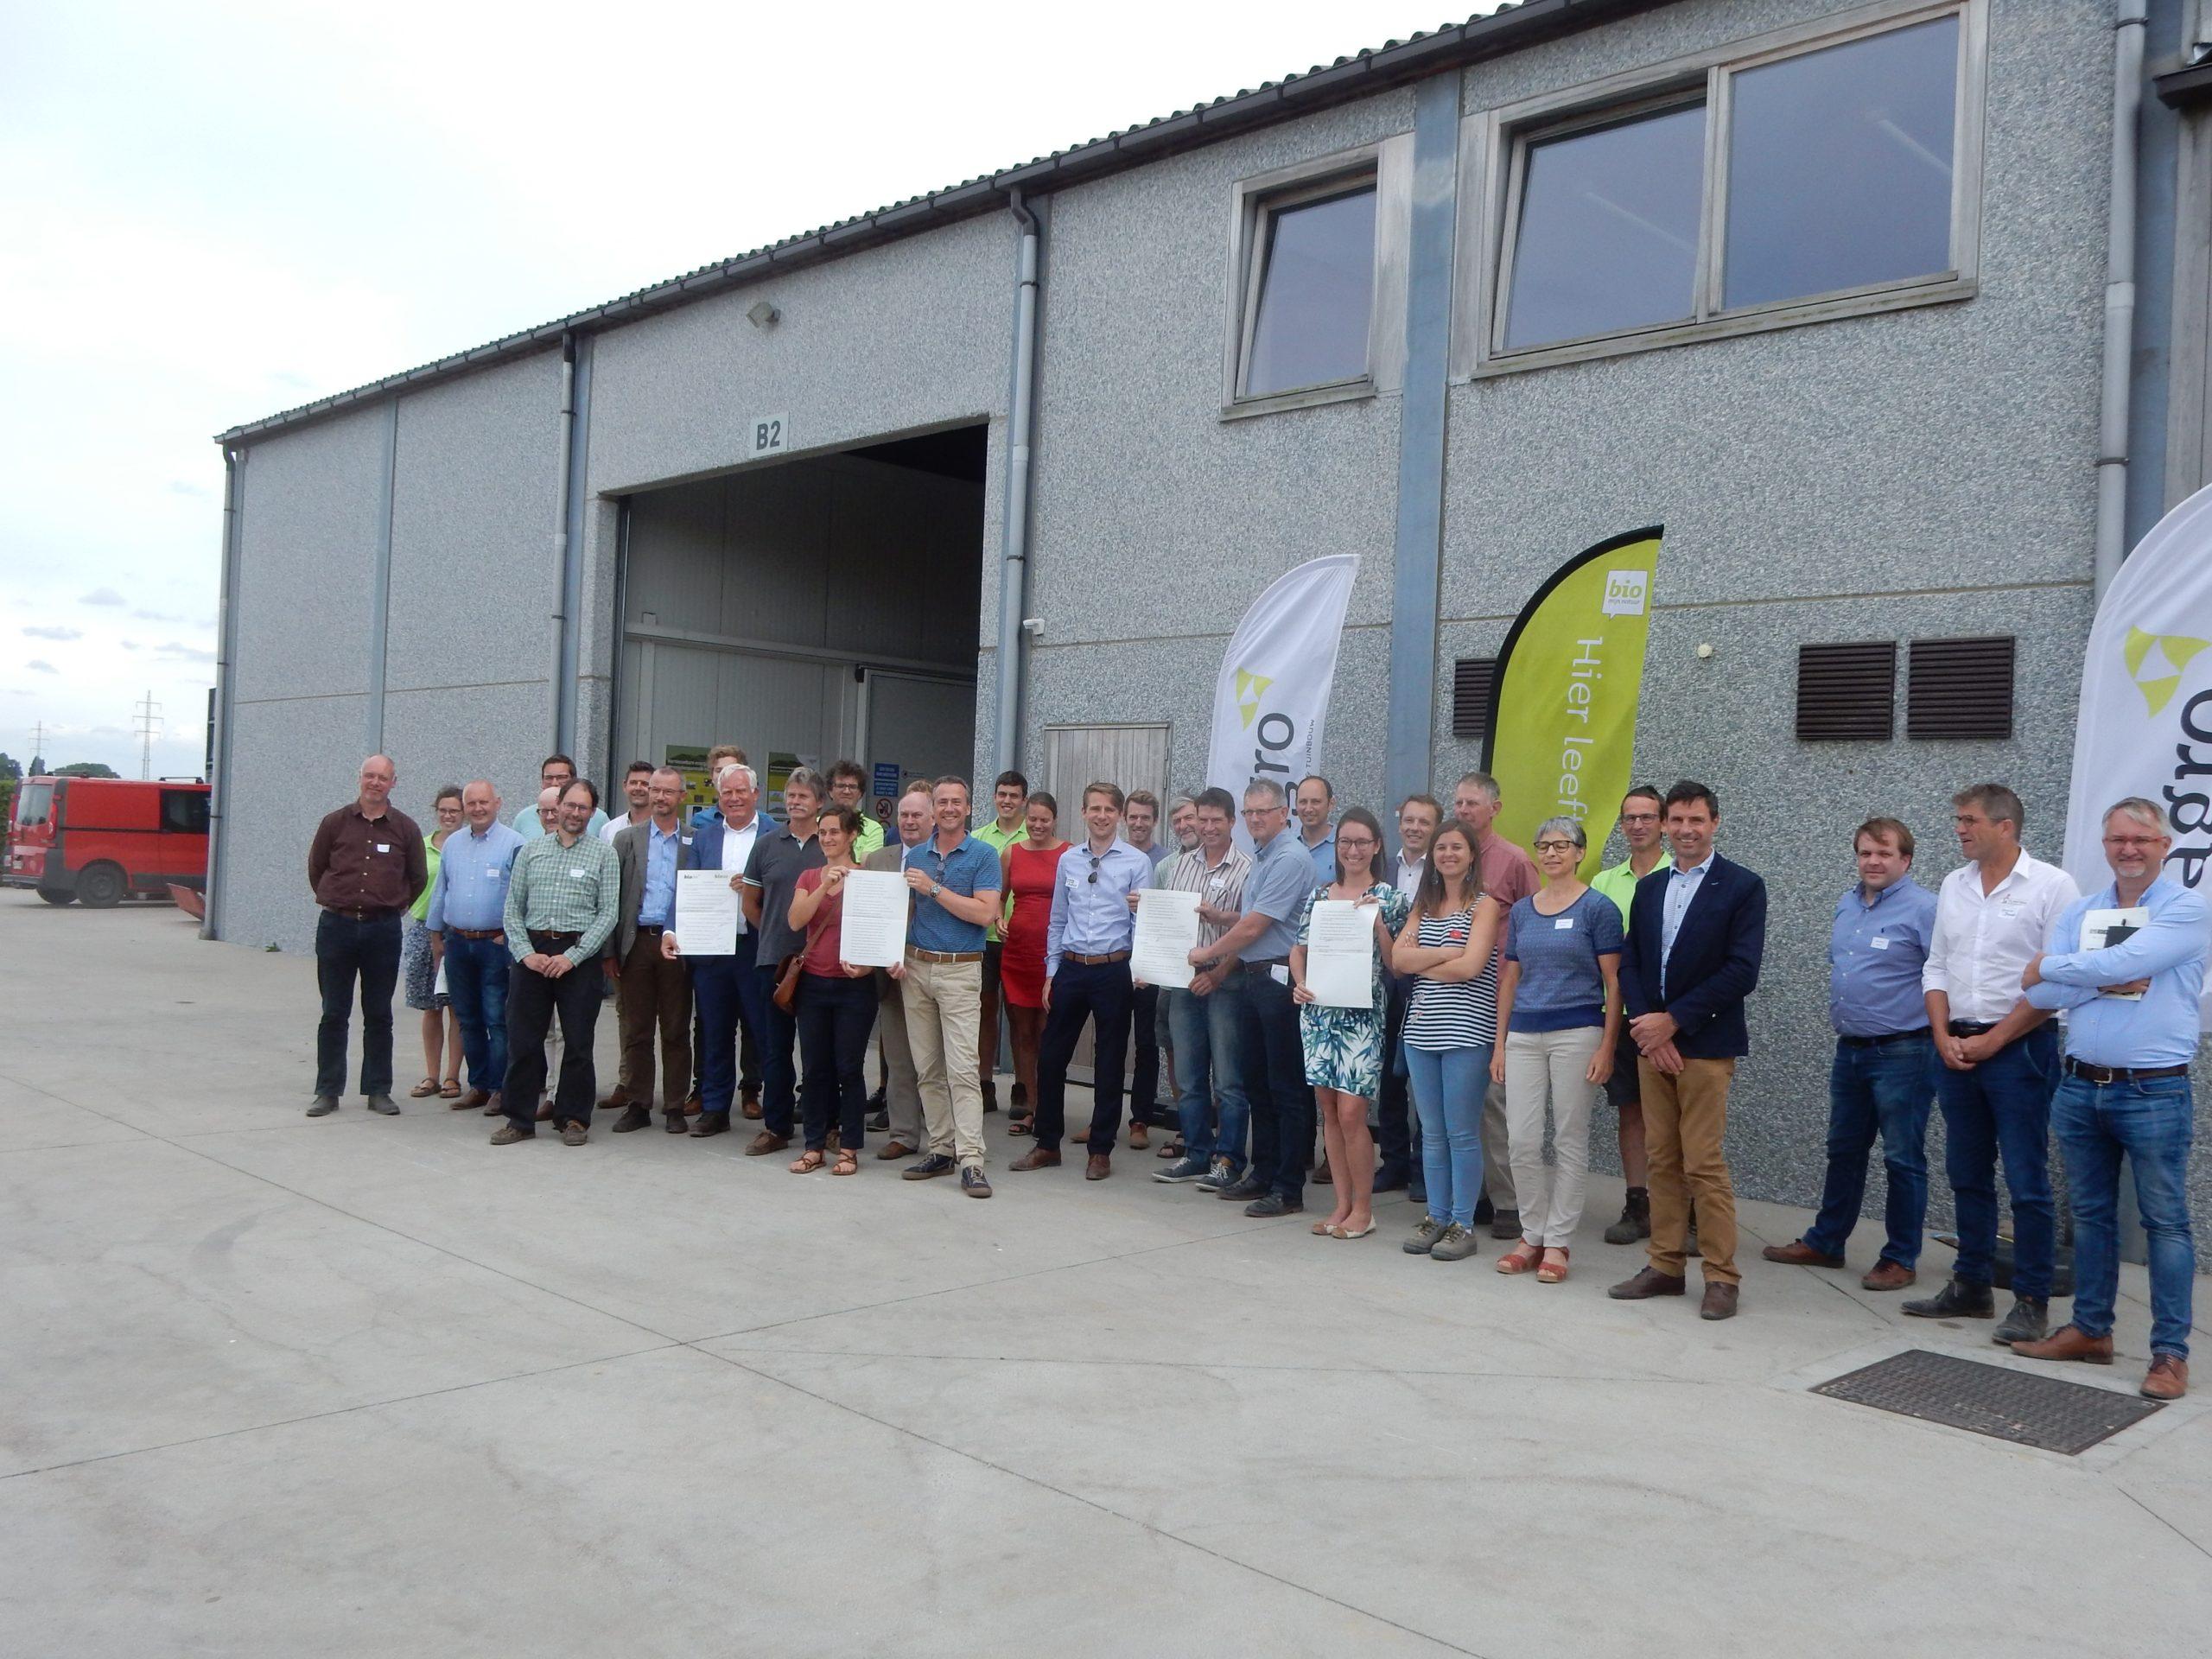 Une convention pommes de terre bio « Aardappel Convenant » signée en Région flamande en juillet 2018